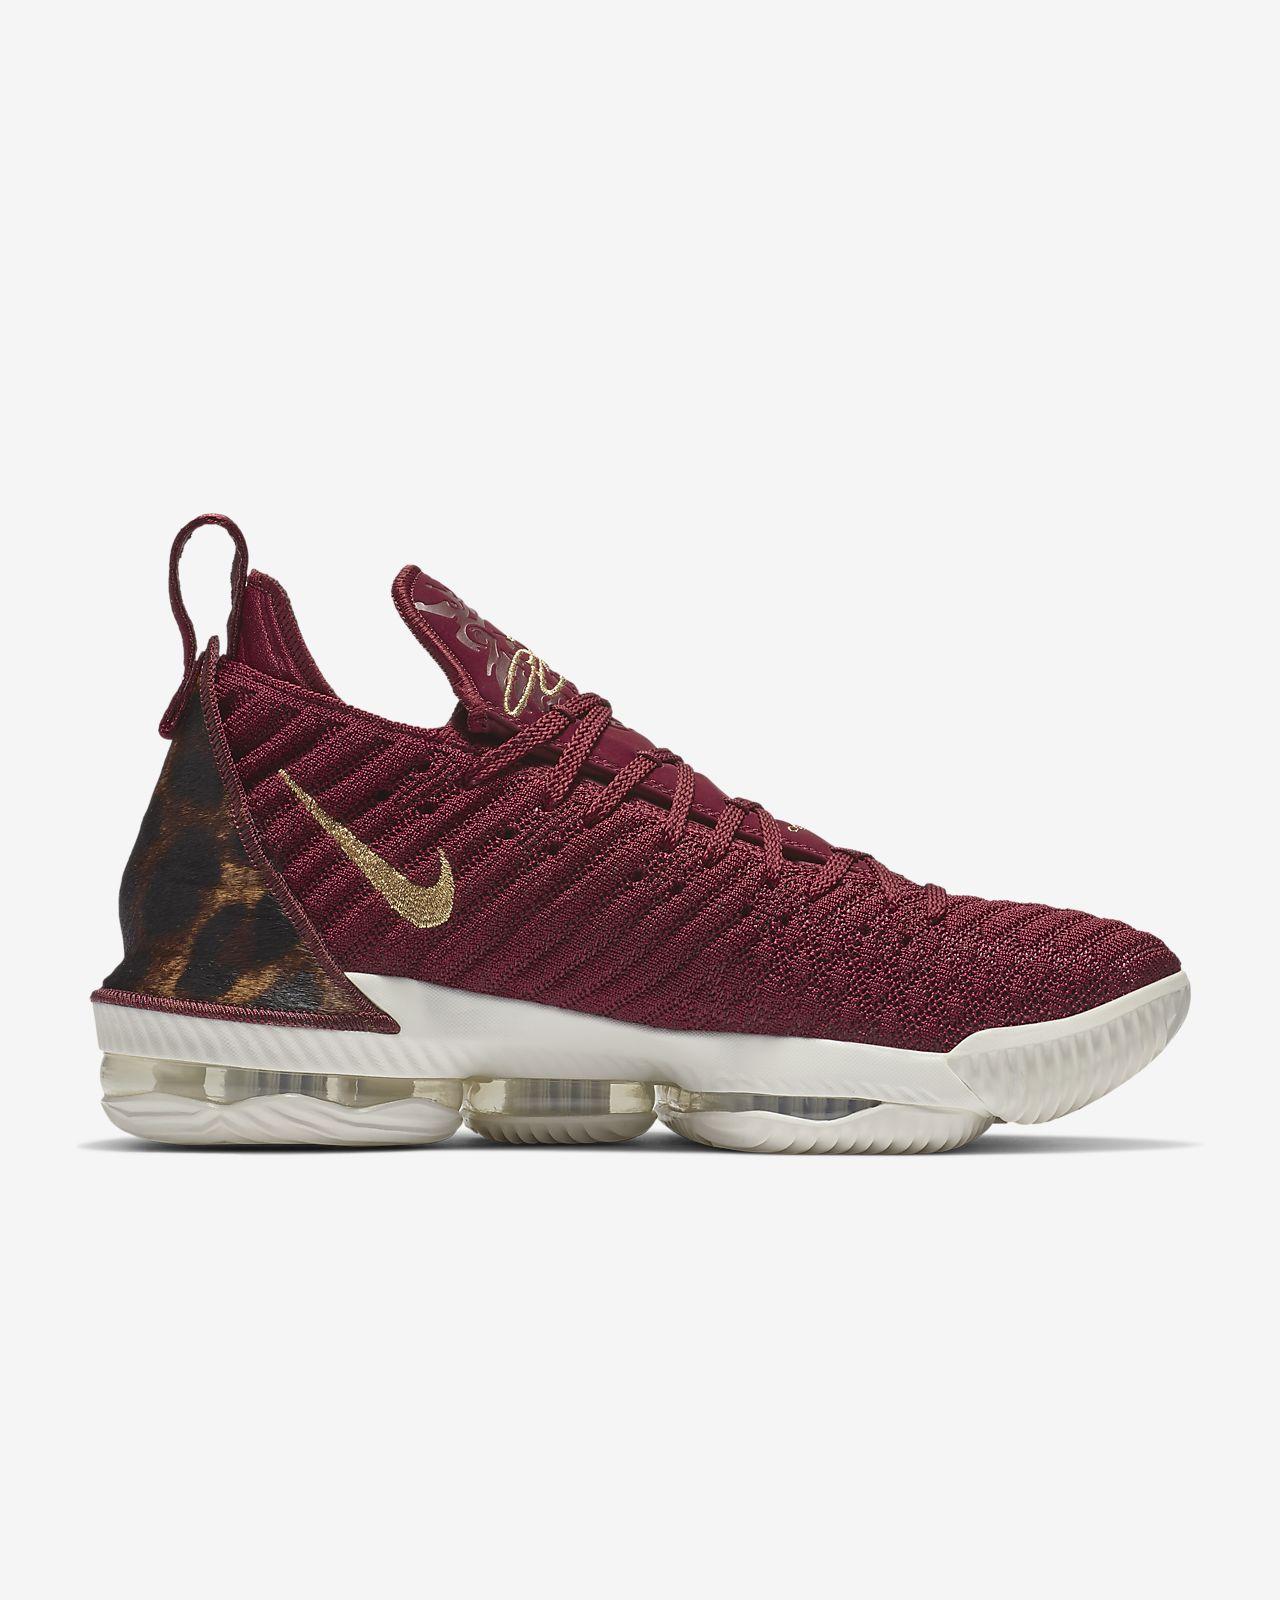 7c94a29bfa LeBron 16 Basketball Shoe